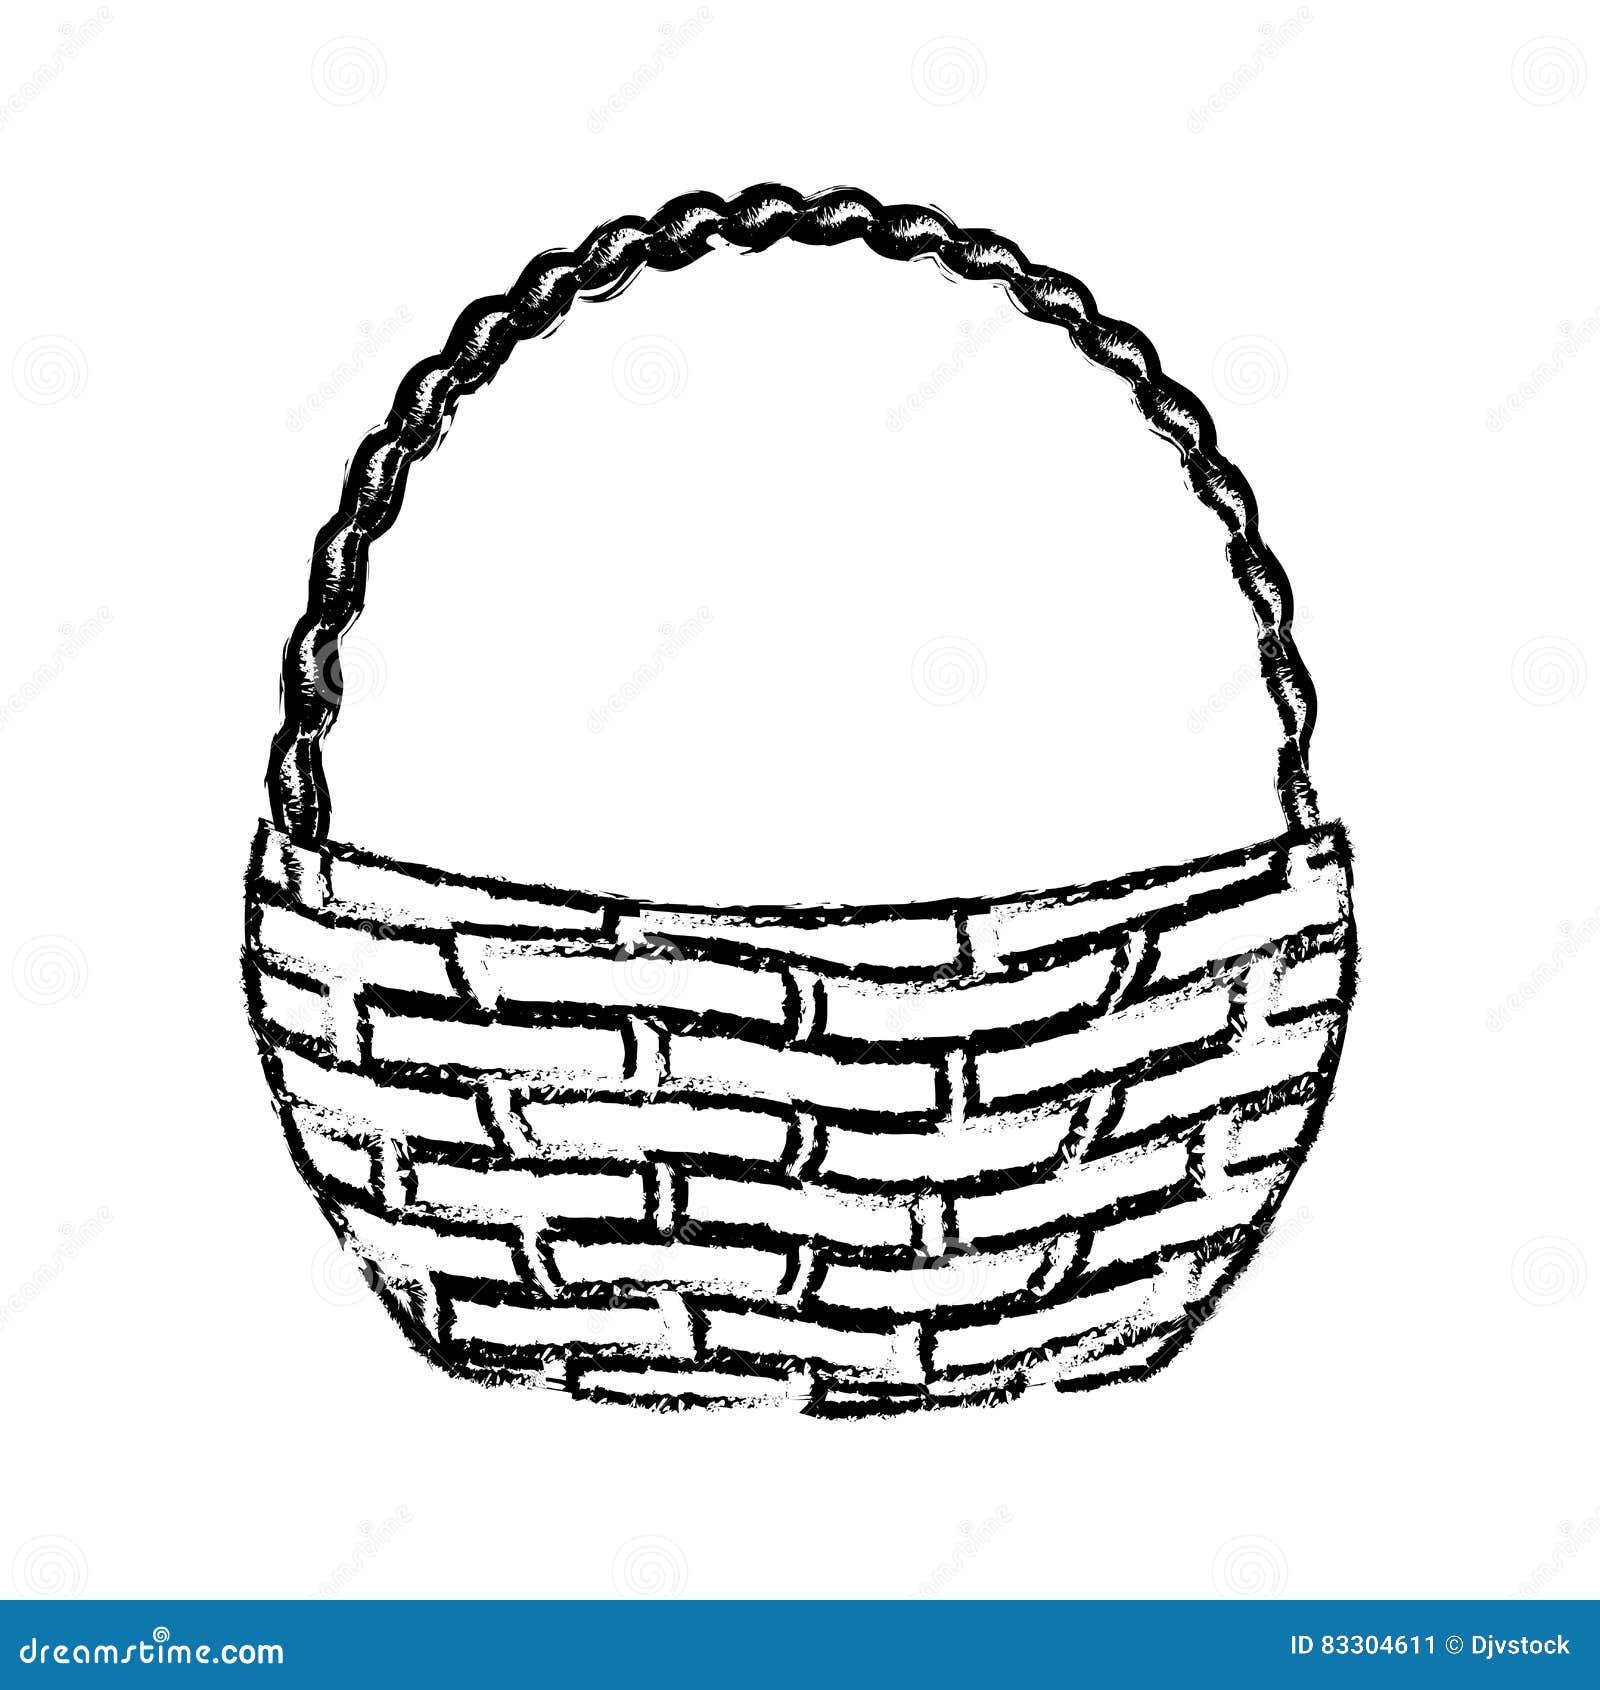 wicker basket icon stock illustration image 83304611. Black Bedroom Furniture Sets. Home Design Ideas